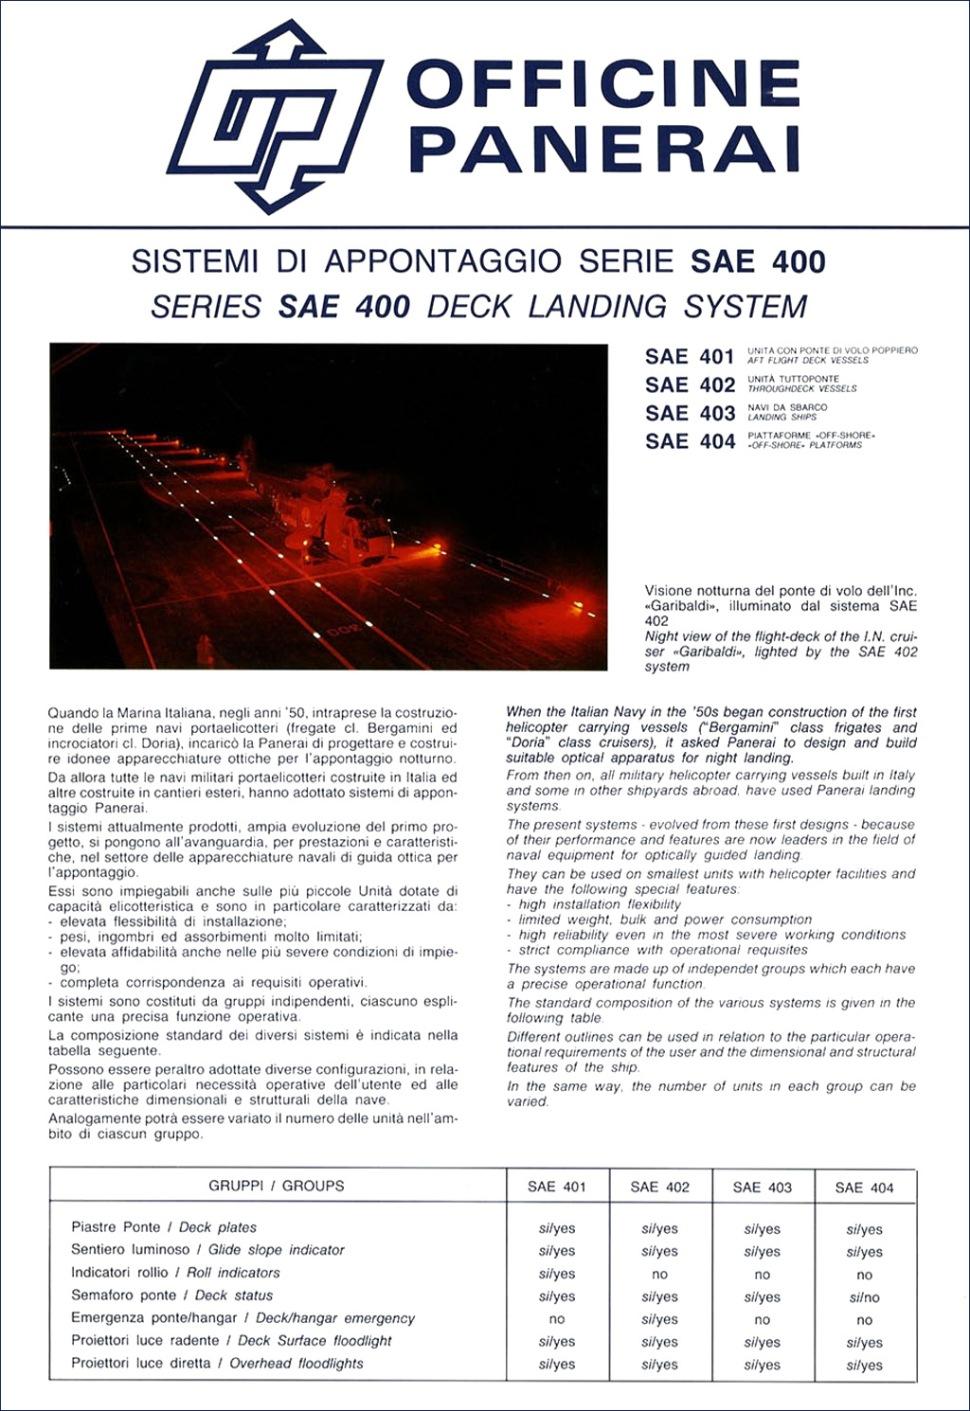 180313-panerai-deck-landing-system-sae-400